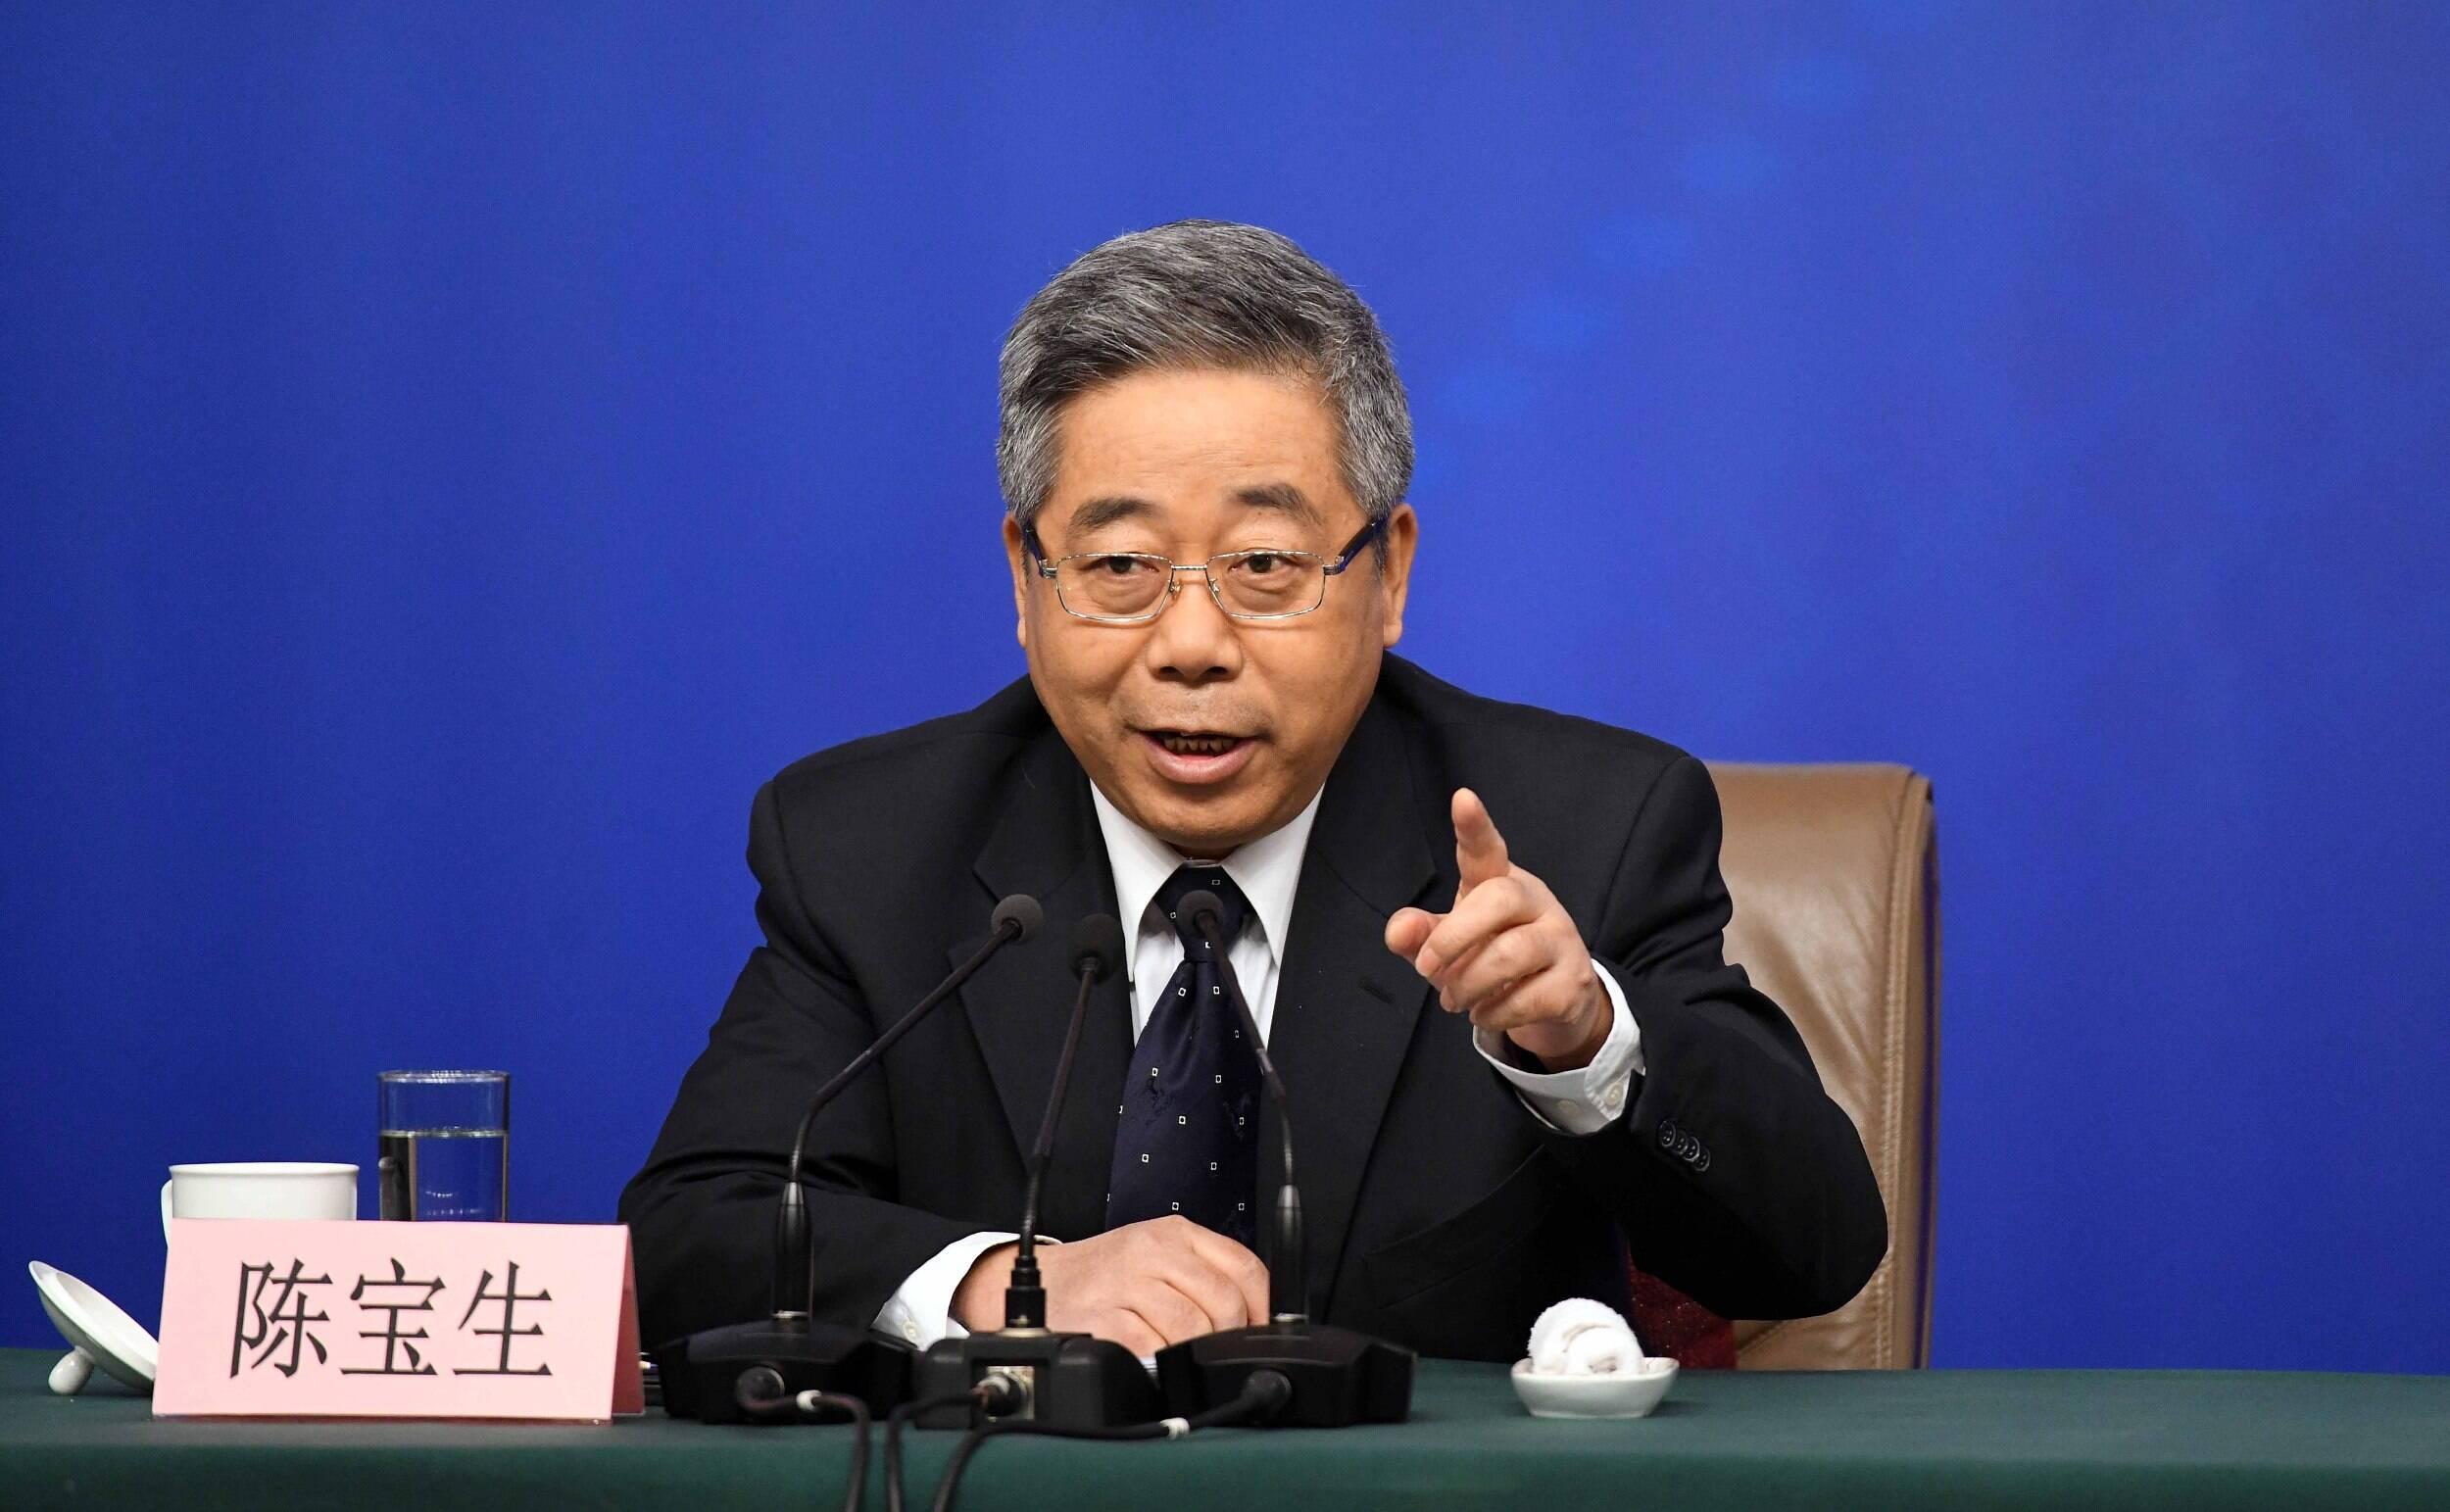 教育部部长陈宝生:将历史教育融入国民教育体系 从历史中汲取智慧和力量